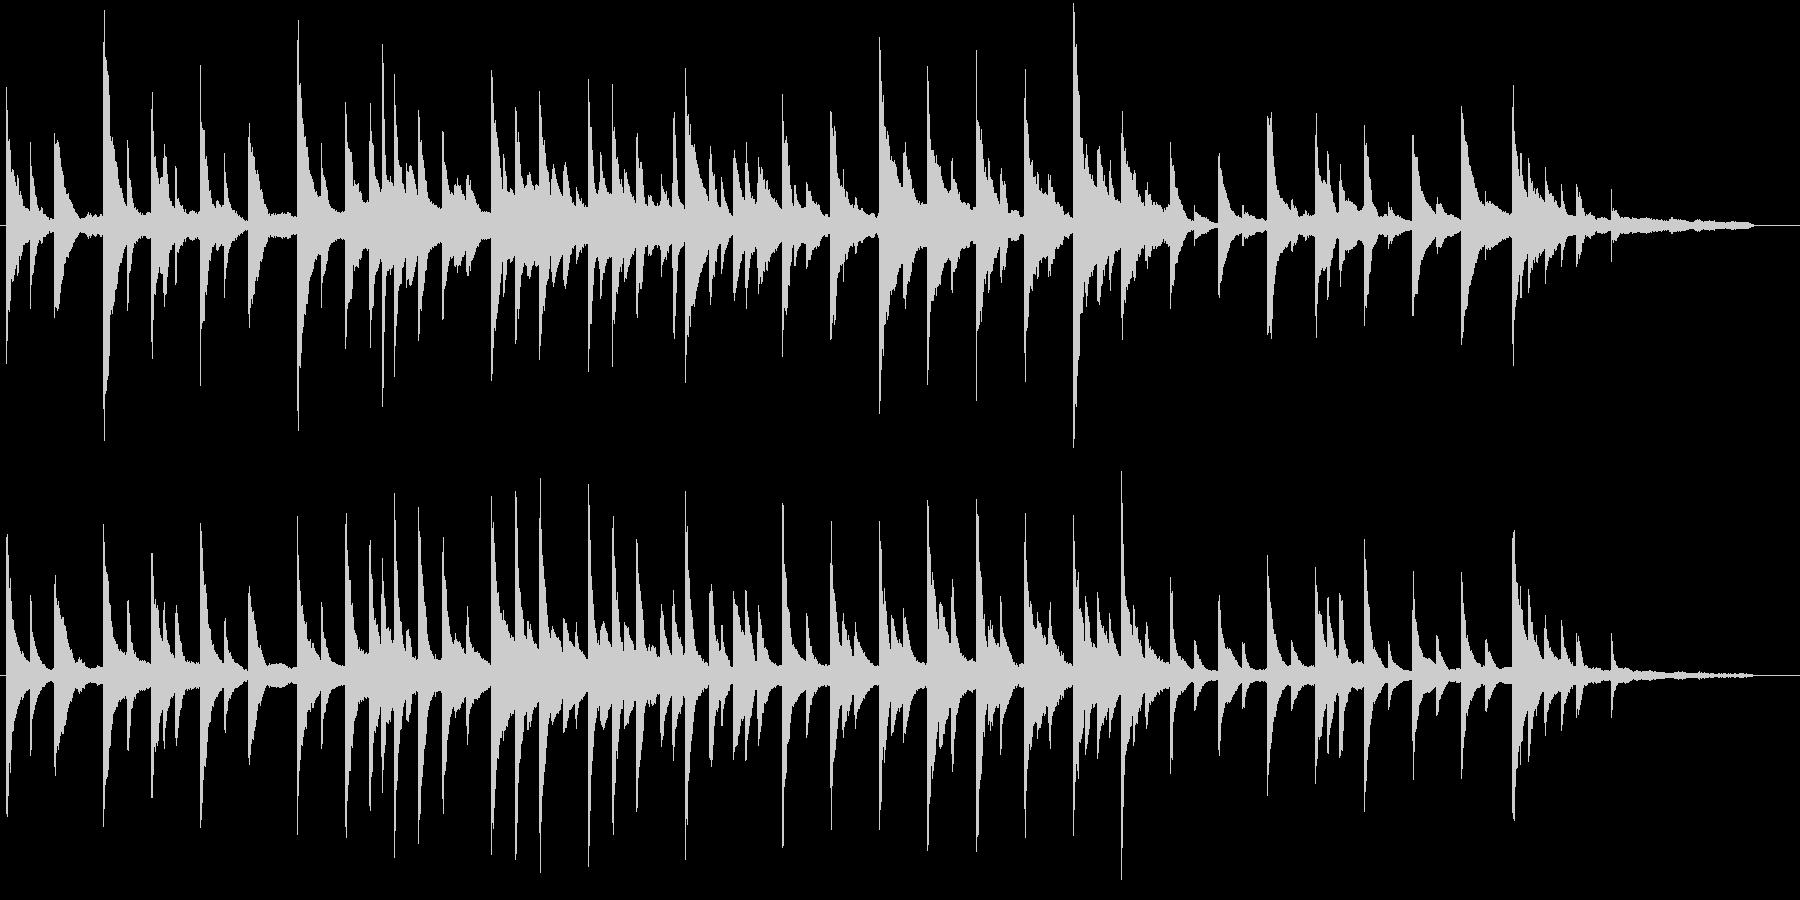 儚げなピアノバラードの未再生の波形